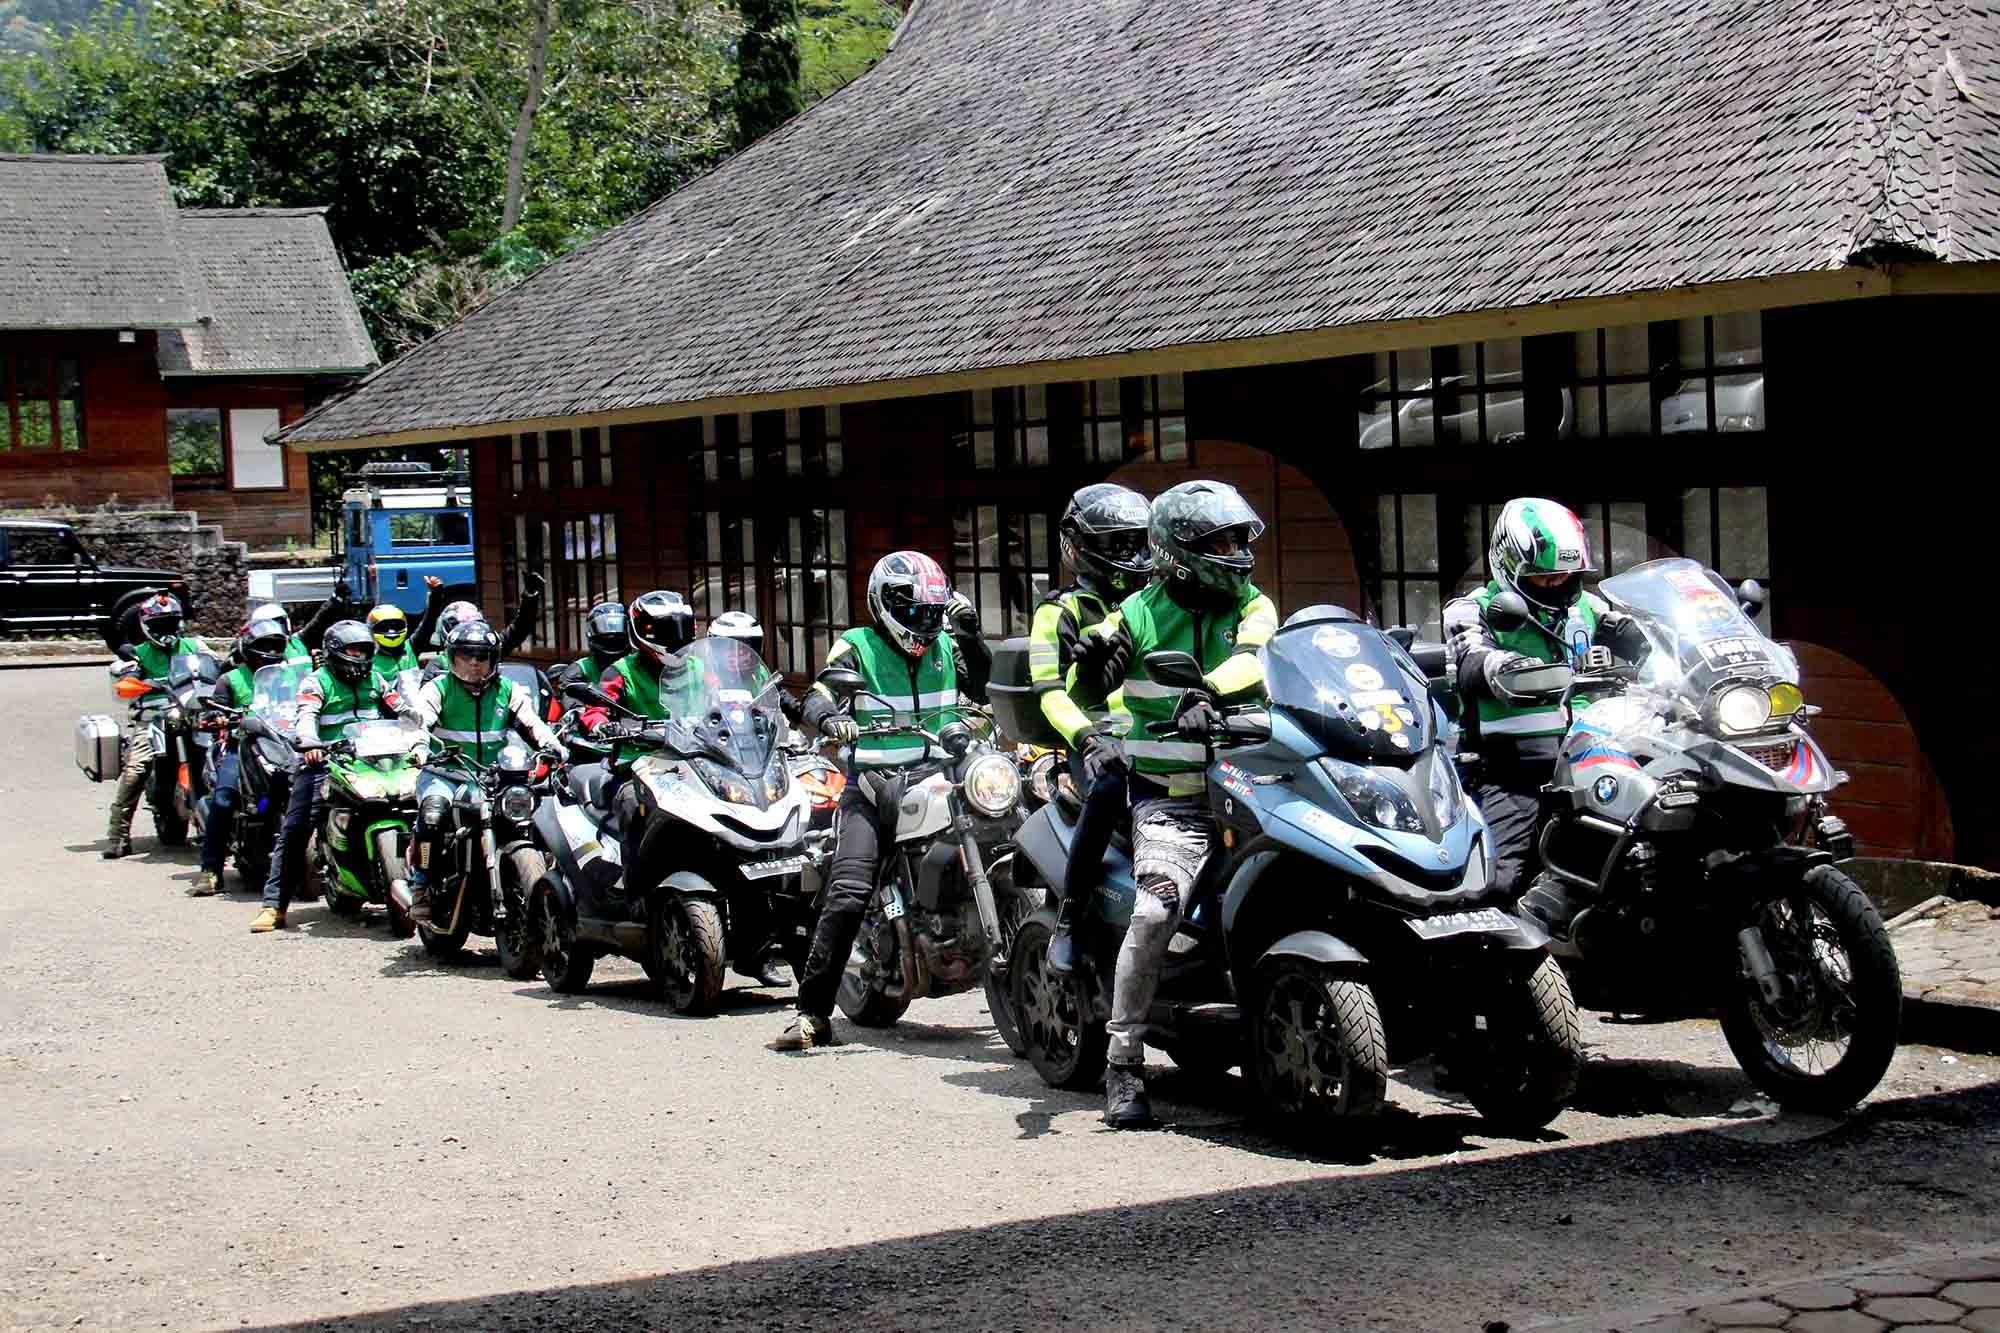 Pengguna Sepeda Motor Dominasi Jalan, IMI Siapkan Standarisasi Berkendara